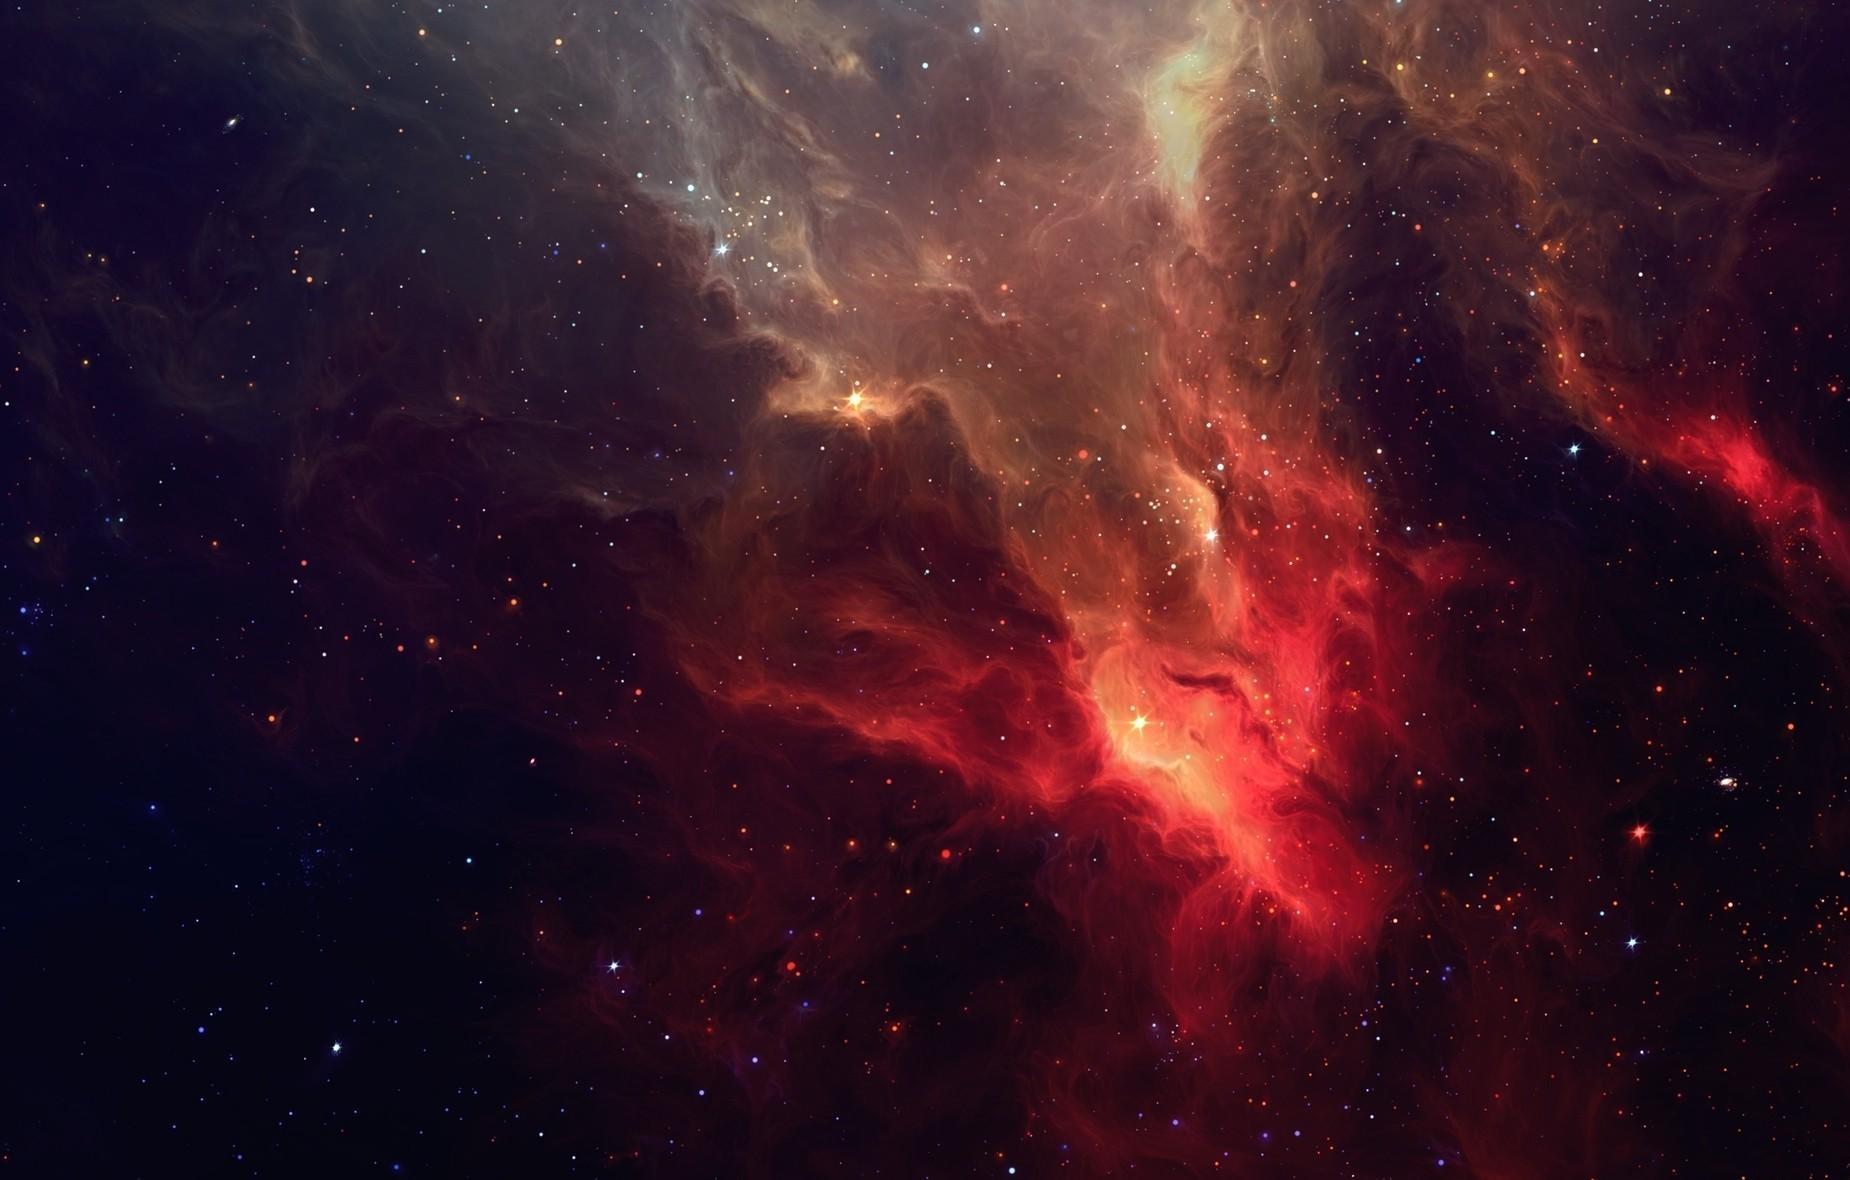 wallpaper : galaxy, stars, light, nebula 1850x1180 - wallup